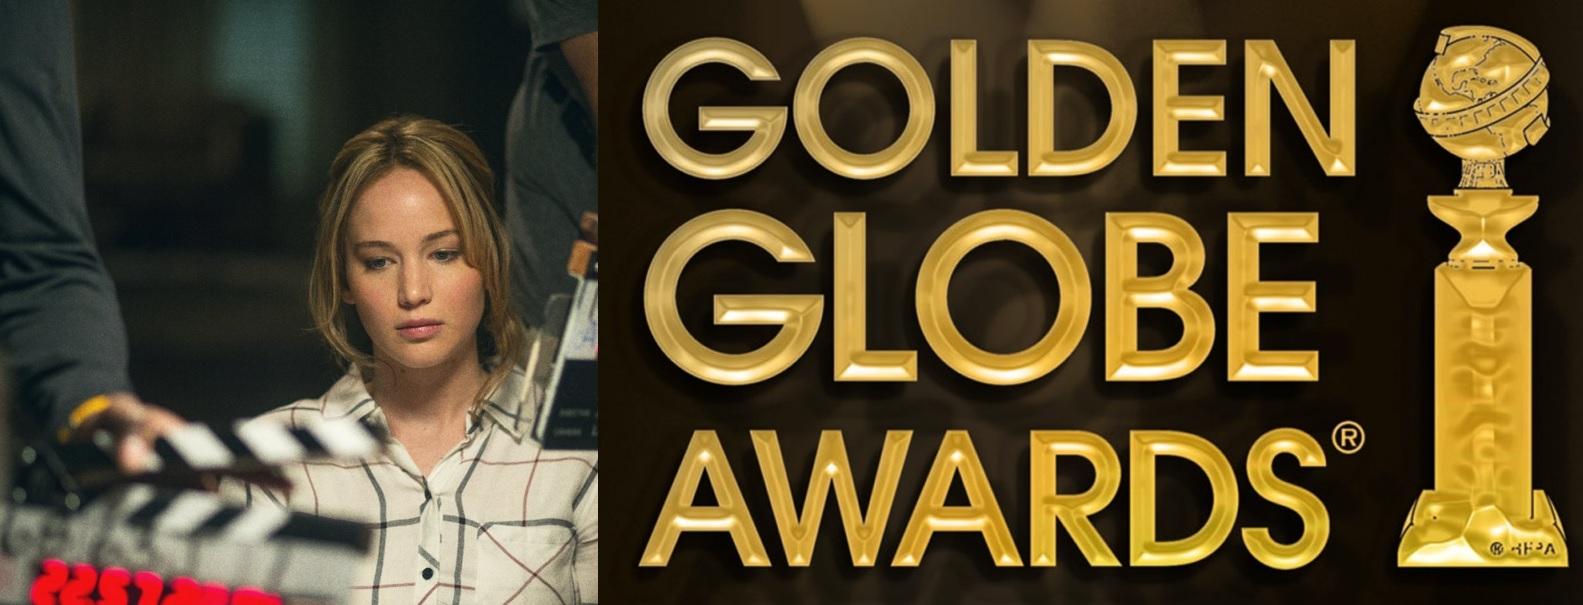 jennifer lawrence joy golden globes